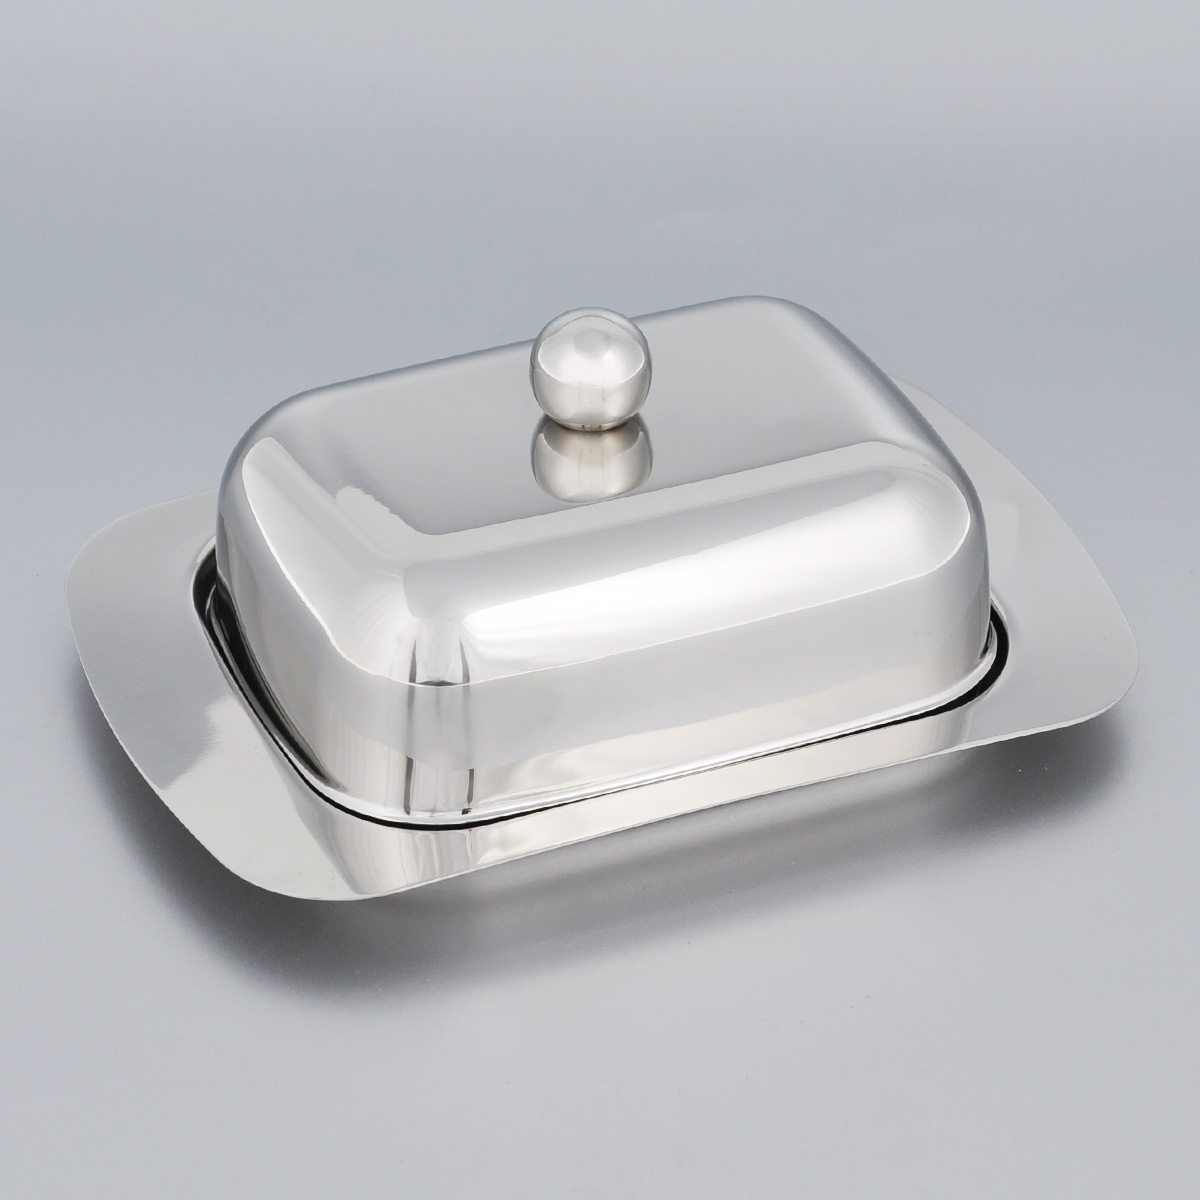 Масленка Mayer & Boch. 34243424Масленка Mayer & Boch, изготовленная из высококачественной нержавеющей стали, предназначена для красивой сервировки и хранения масла. Она состоит из подноса и крышки с ручкой. Масло в ней долго остается свежим, а при хранении в холодильнике не впитывает посторонние запахи. Гладкая поверхность обеспечивает легкую чистку. Можно мыть в посудомоечной машине. Размер подноса: 18,5 см х 12 см х 2 см. Размер крышки: 13,5 см х 10 см х 6 см.